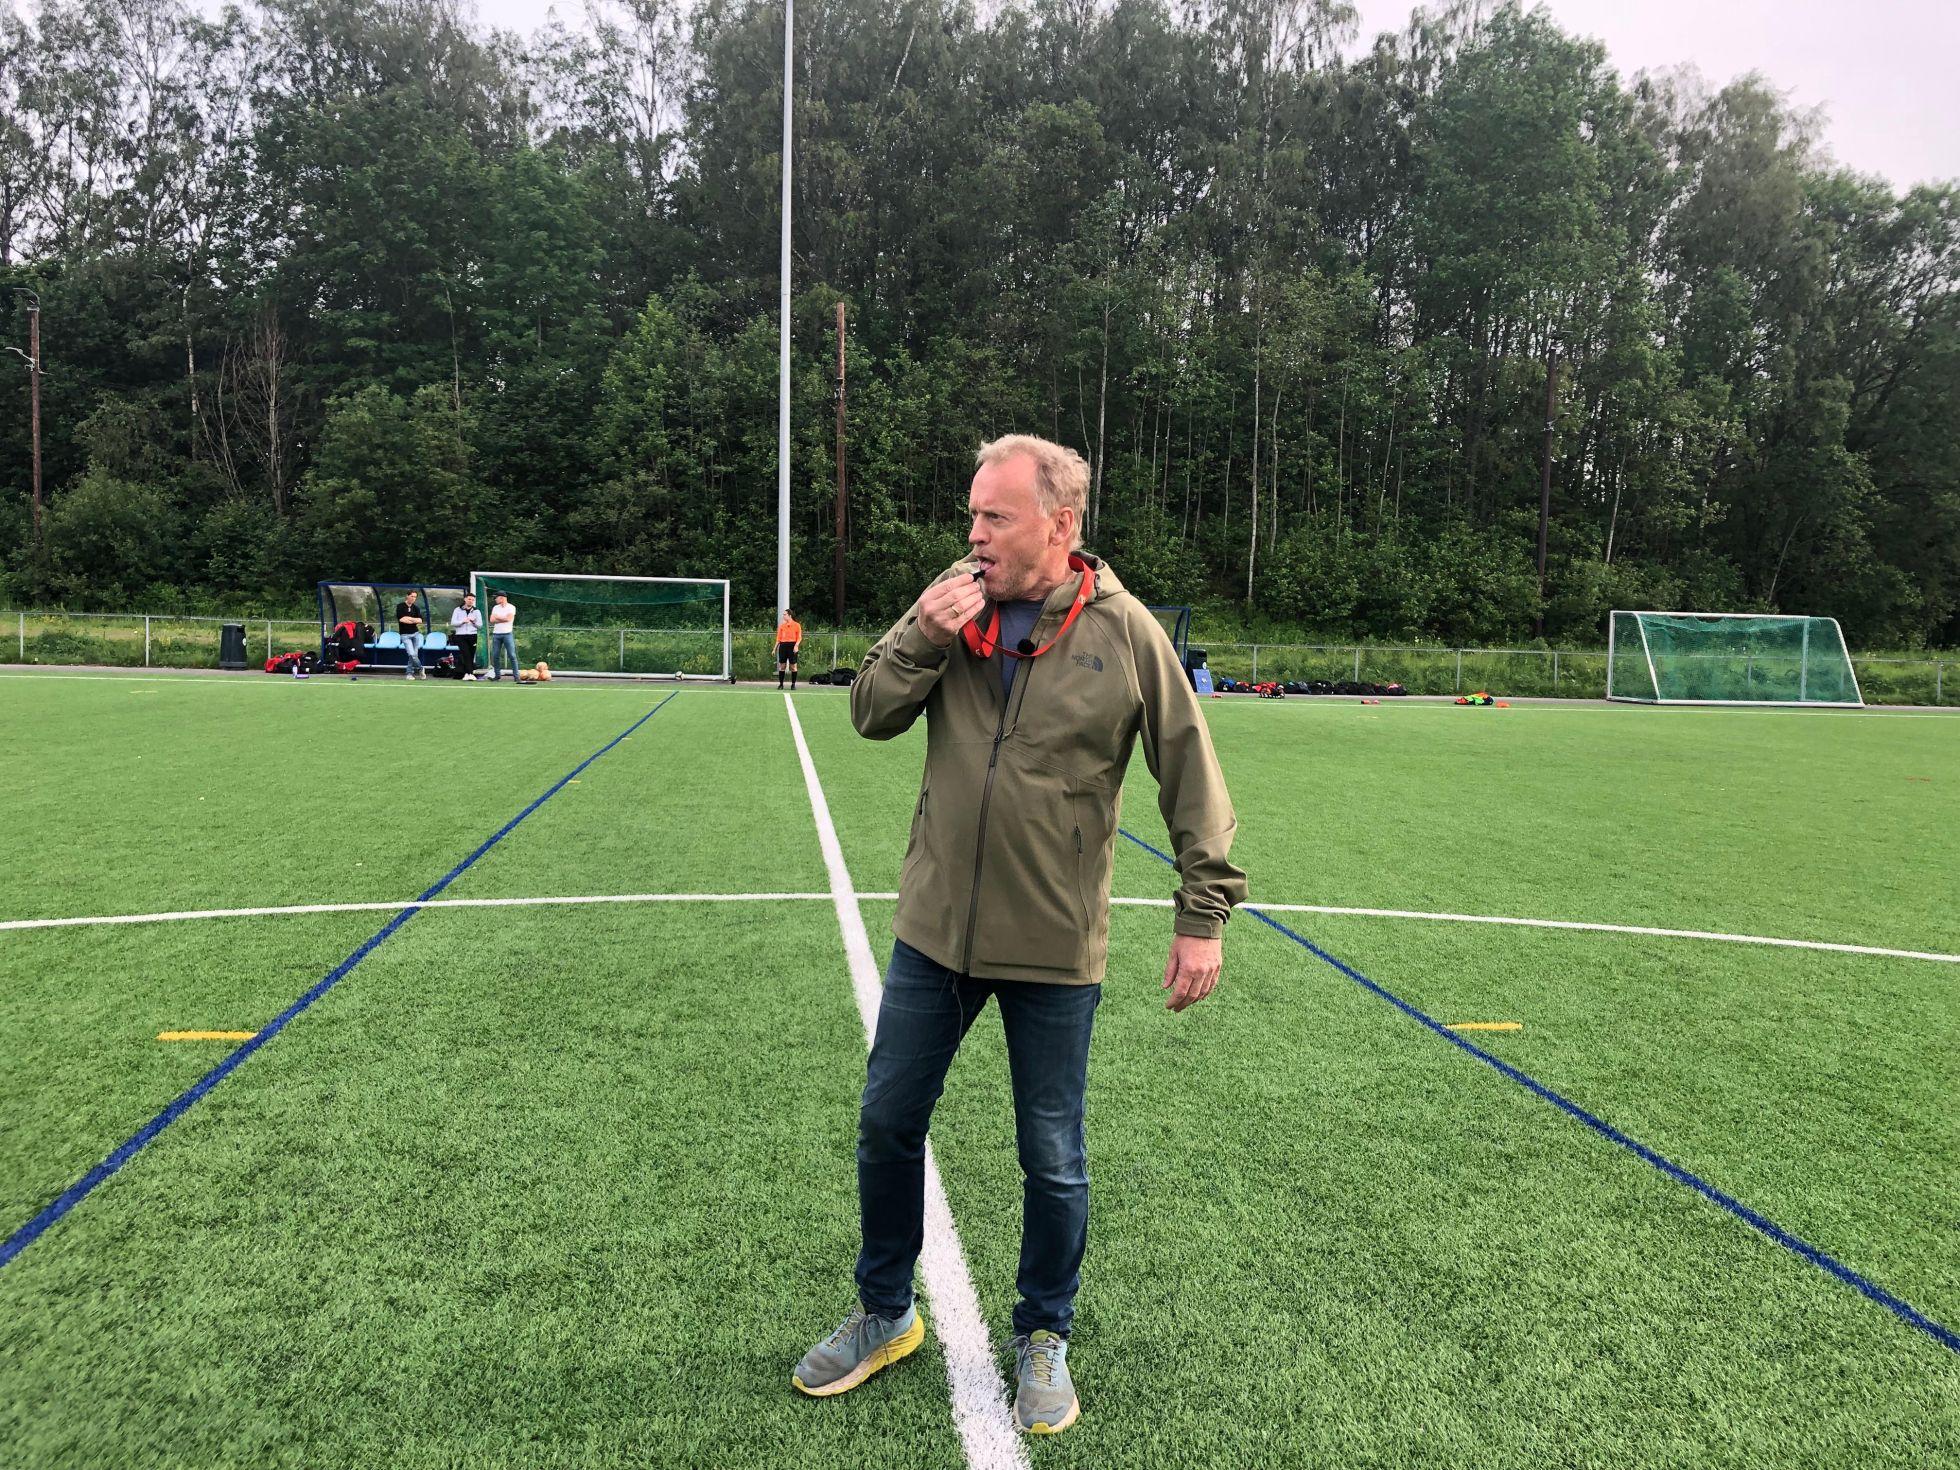 Fløyta går, byrådsleder Raymond Johansen fikk æren av å blåse i gang Interkretskampen mellom Lyn og Skeid, jenter 15 år. Foto: KRISTIN TUFTE HAGA